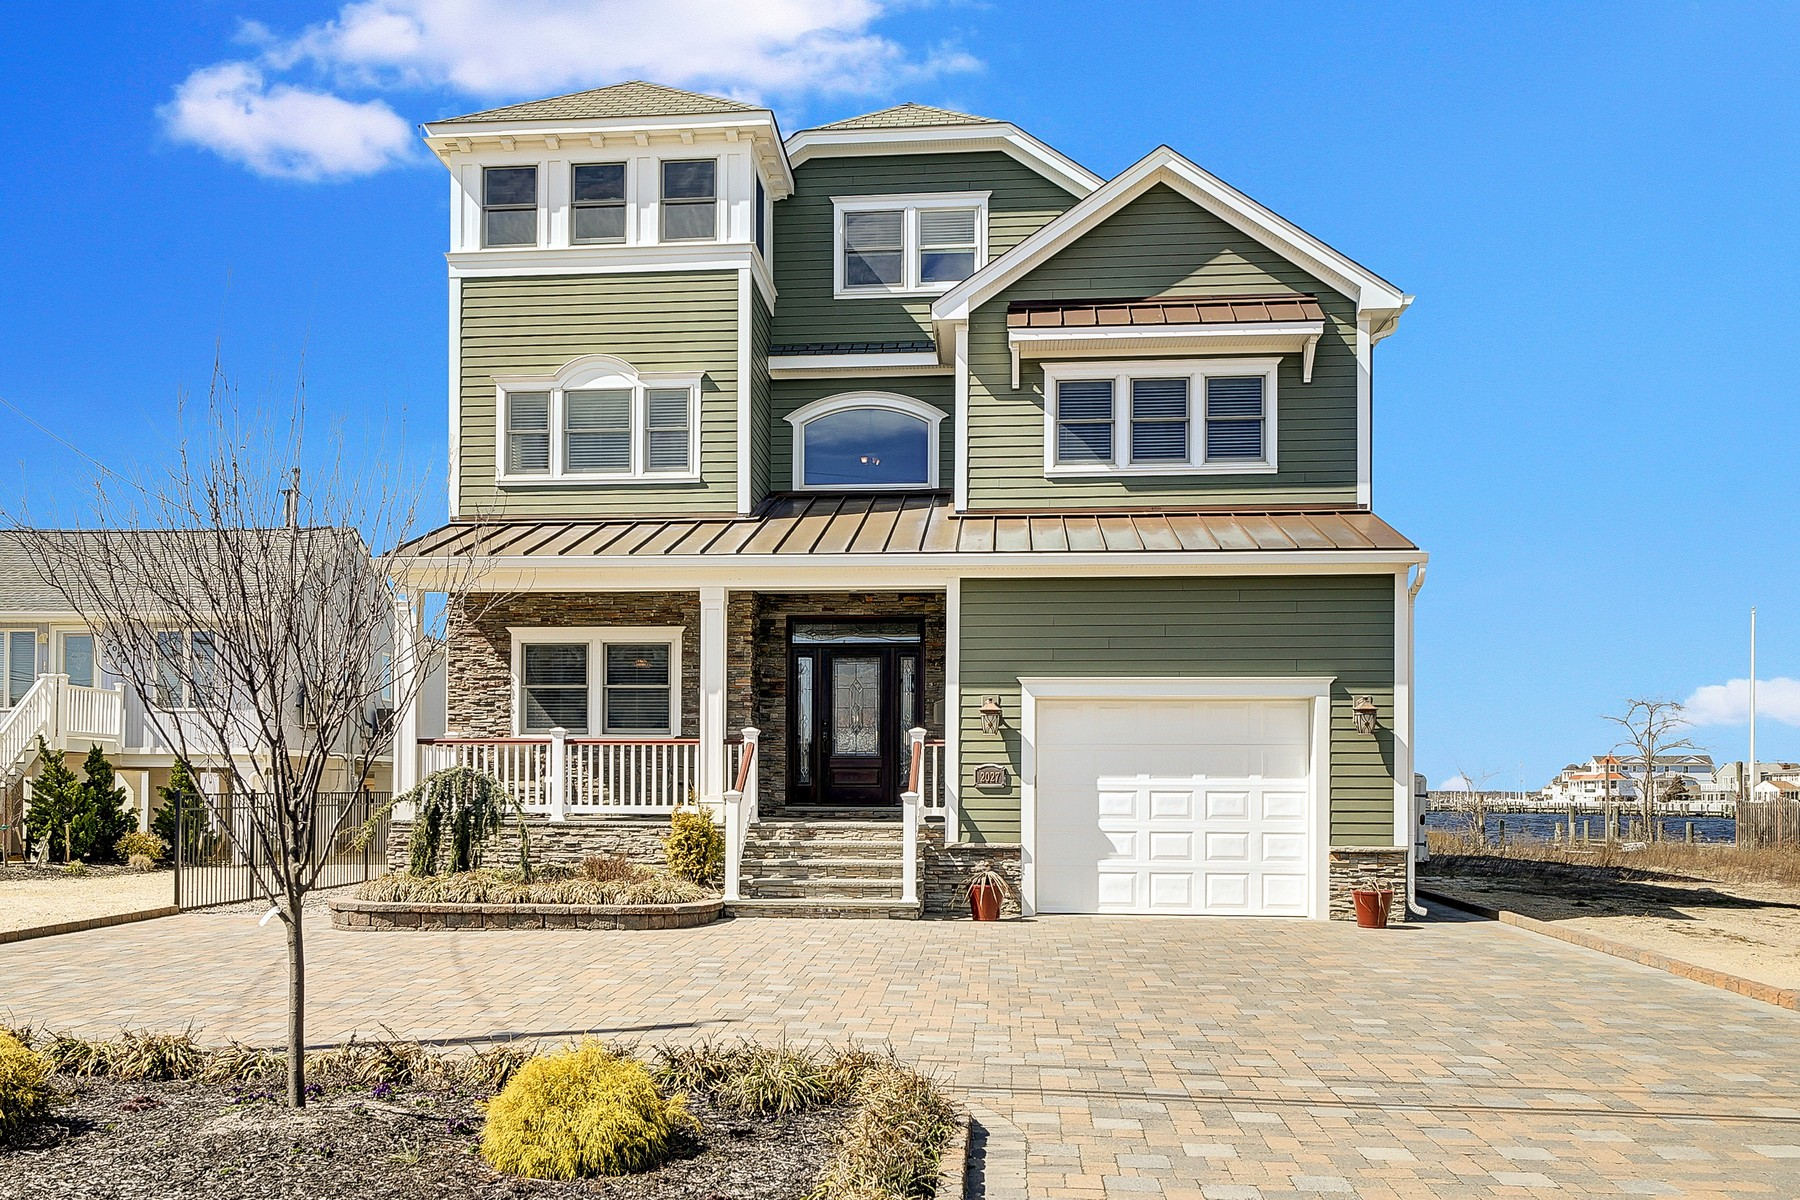 一戸建て のために 売買 アット Spectacular Custom Designed Bayfront Home 2027 Bay Boulevard, Ortley Beach, ニュージャージー, 08751 アメリカ合衆国